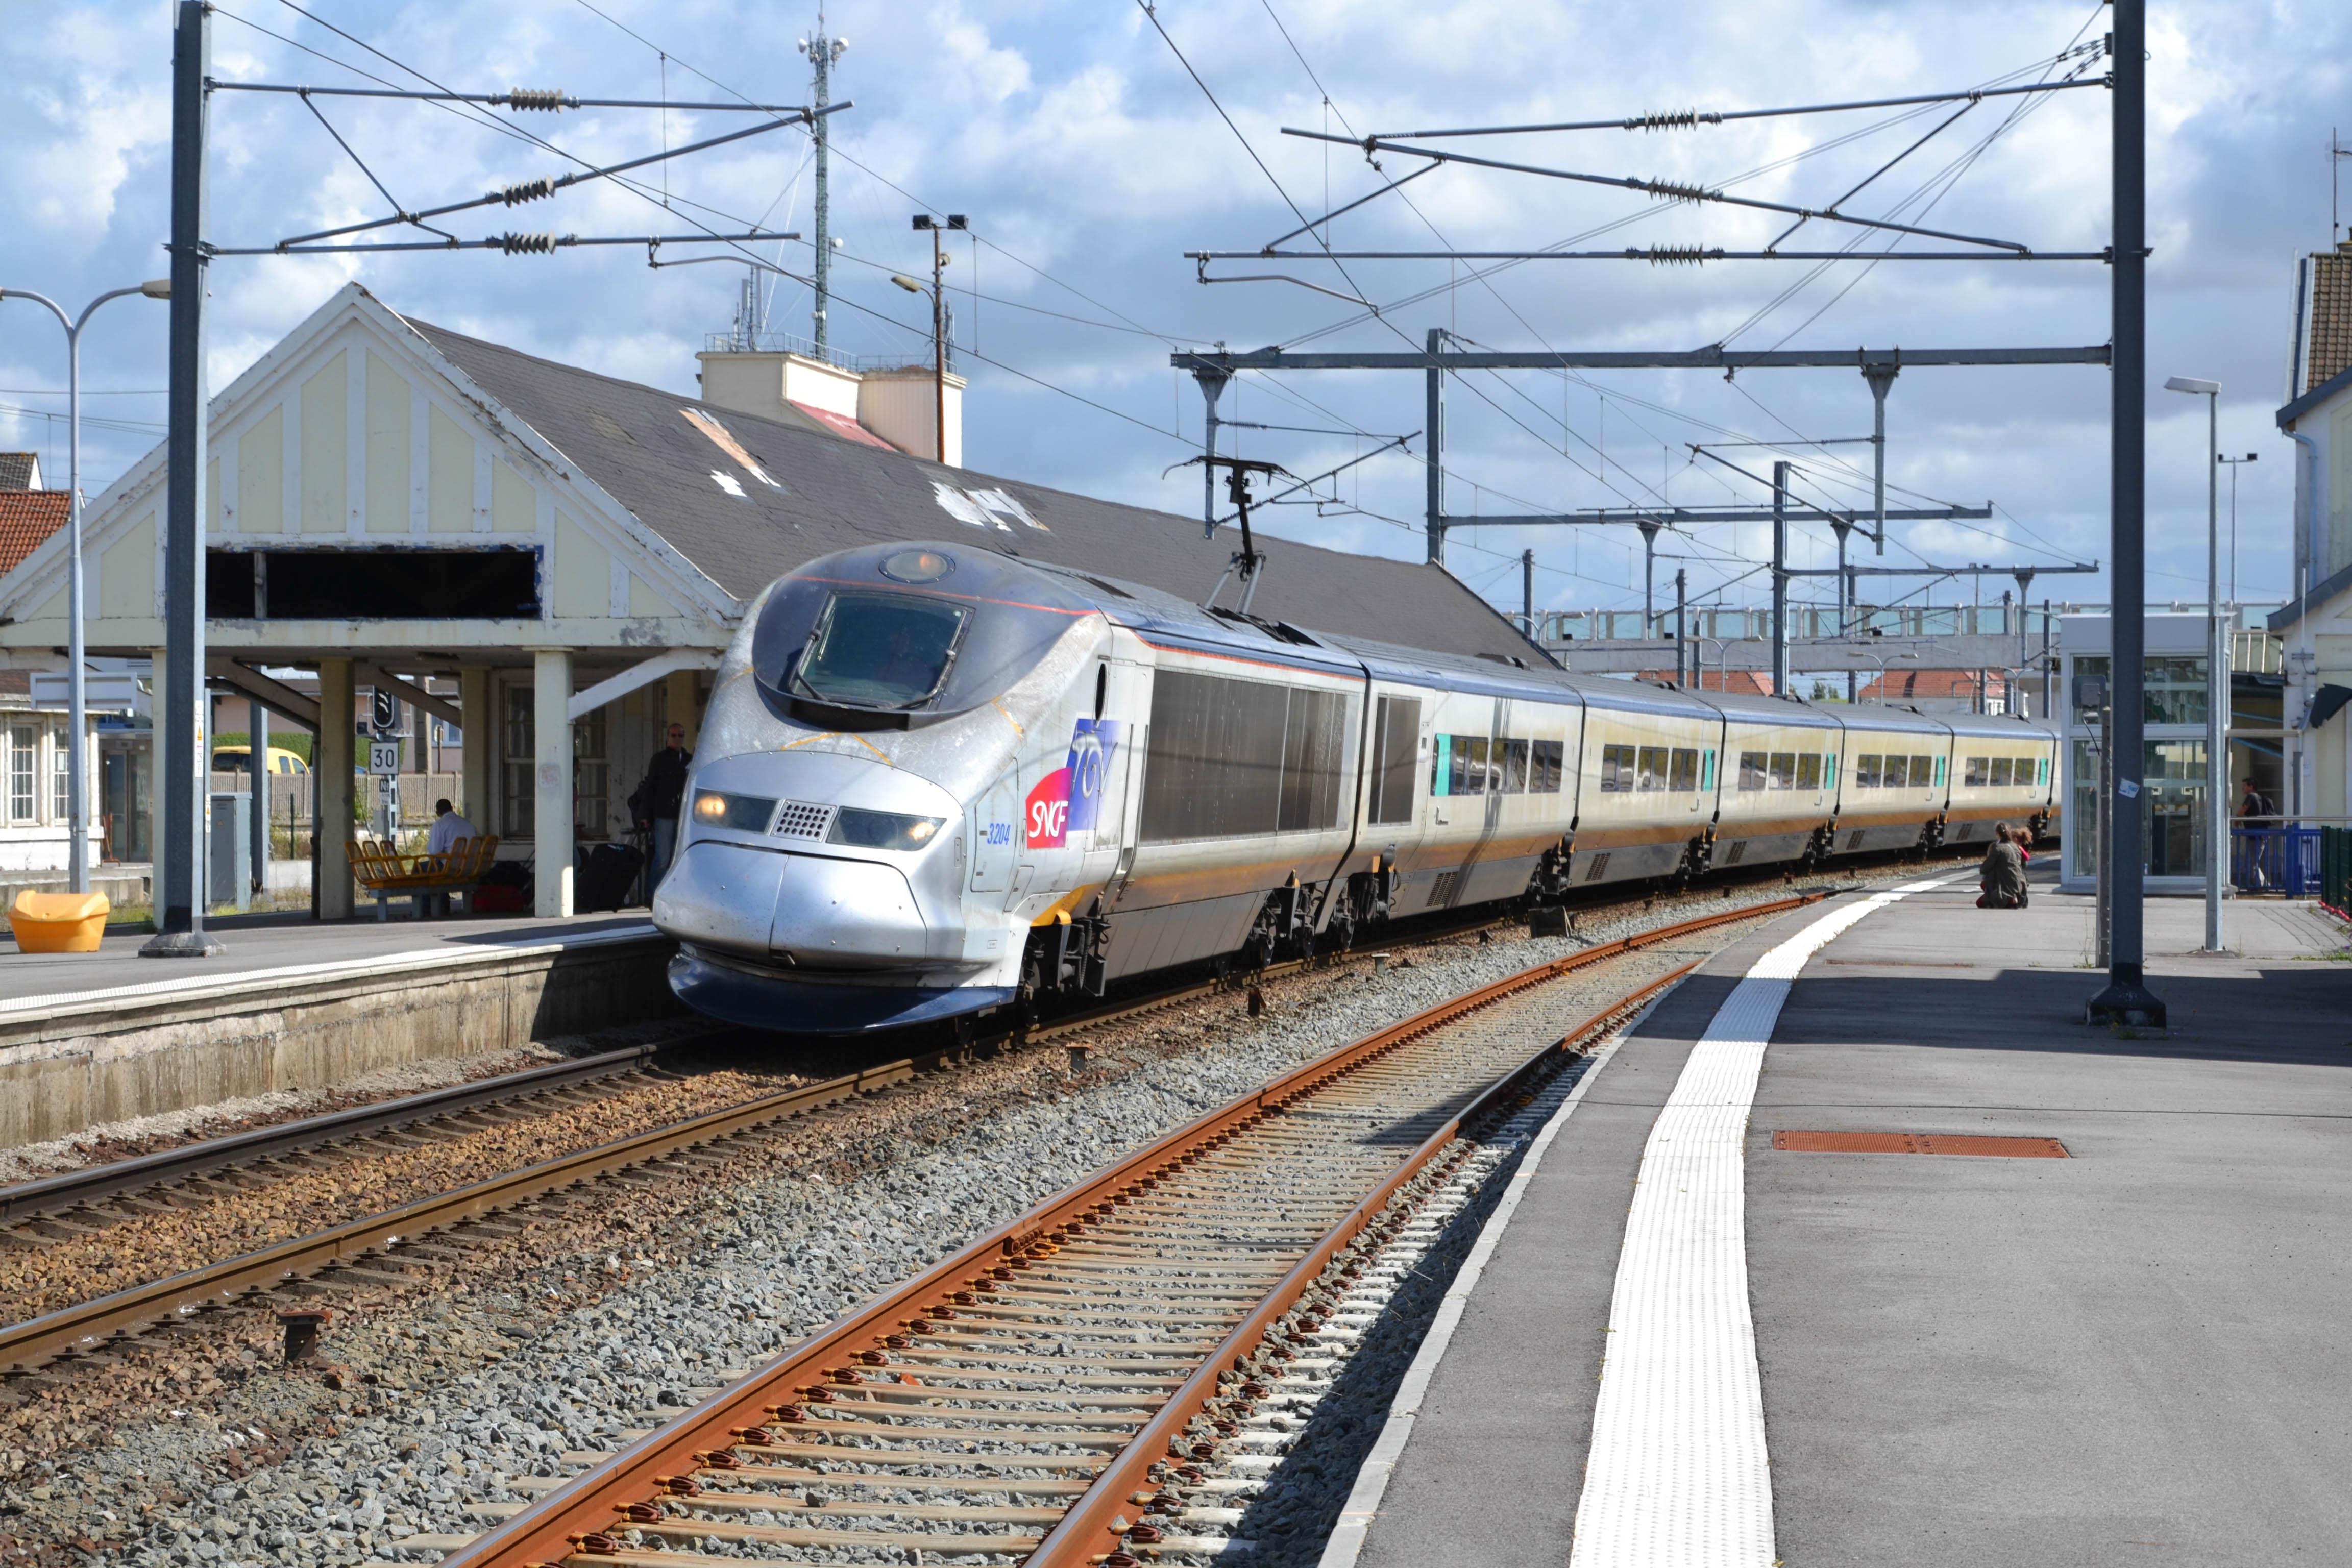 SNCF 3203 04%2C %C3%89taples   Le Touquet %2815098226835%29 - Special livery Eurostars